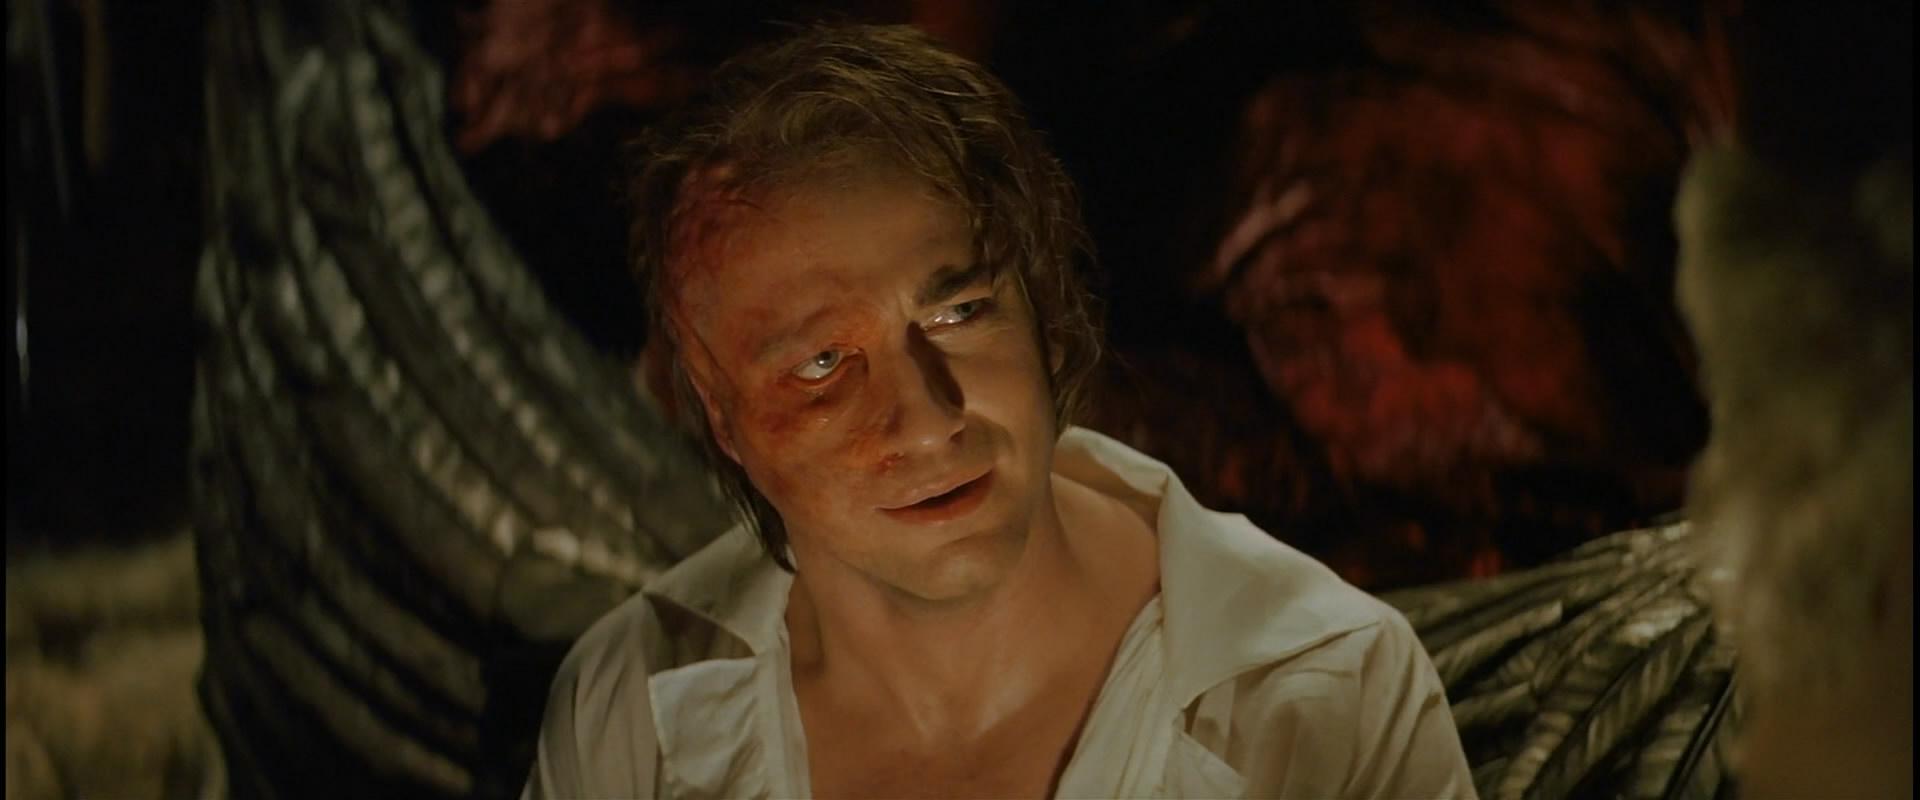 Фильм Призрак оперы (The Phantom of the Opera) - смотреть ...